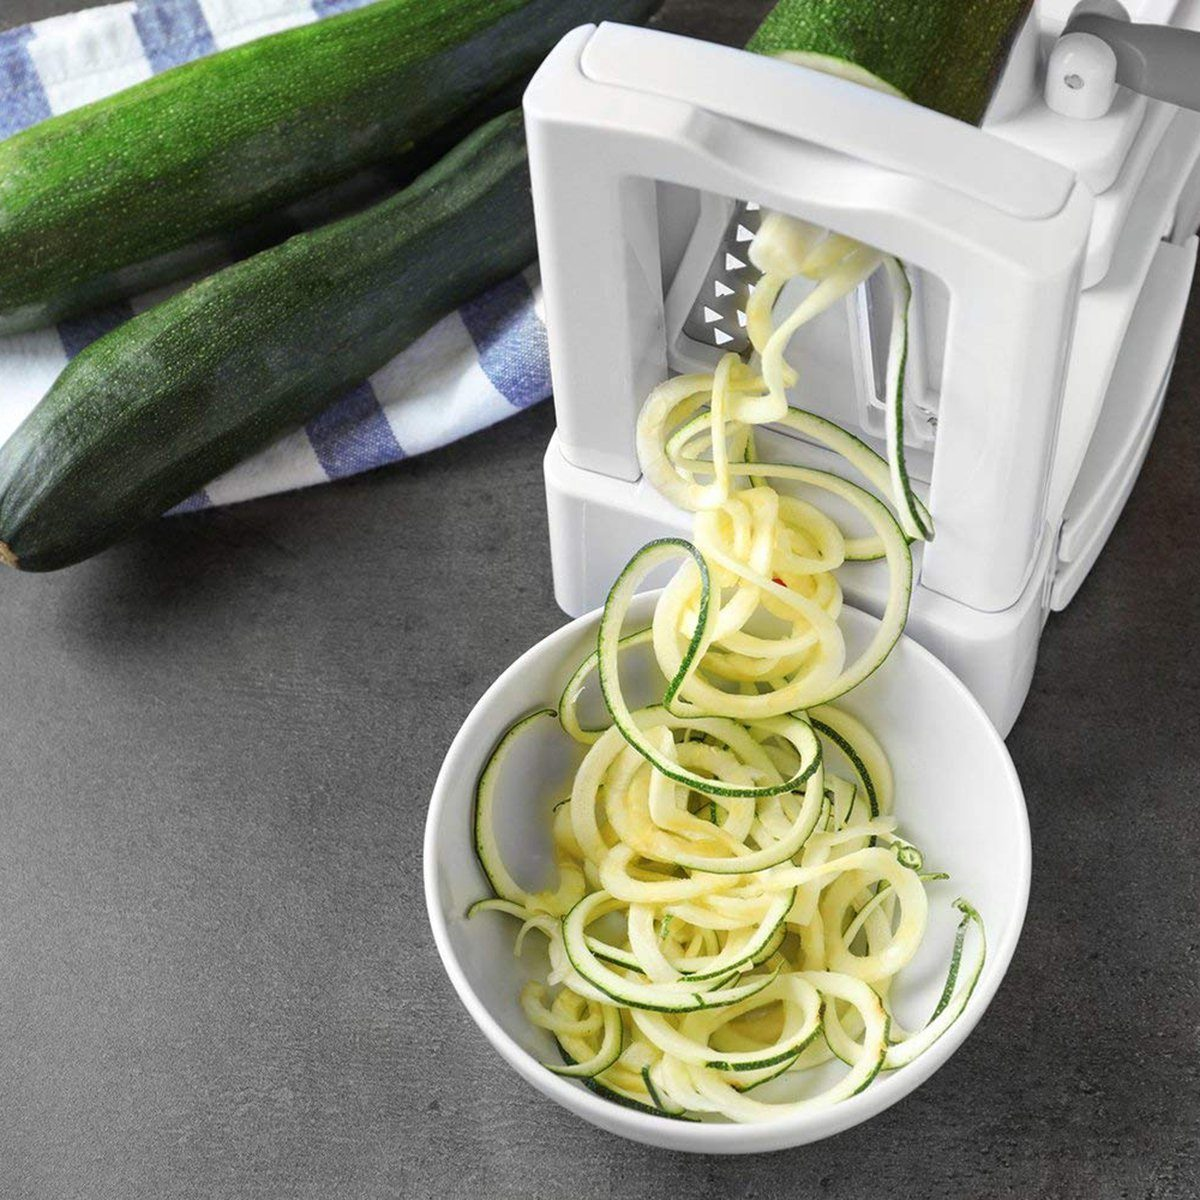 Spiralizer 5-Blade Vegetable Slicer, Strongest-and-Heaviest Duty Spiral Slicer